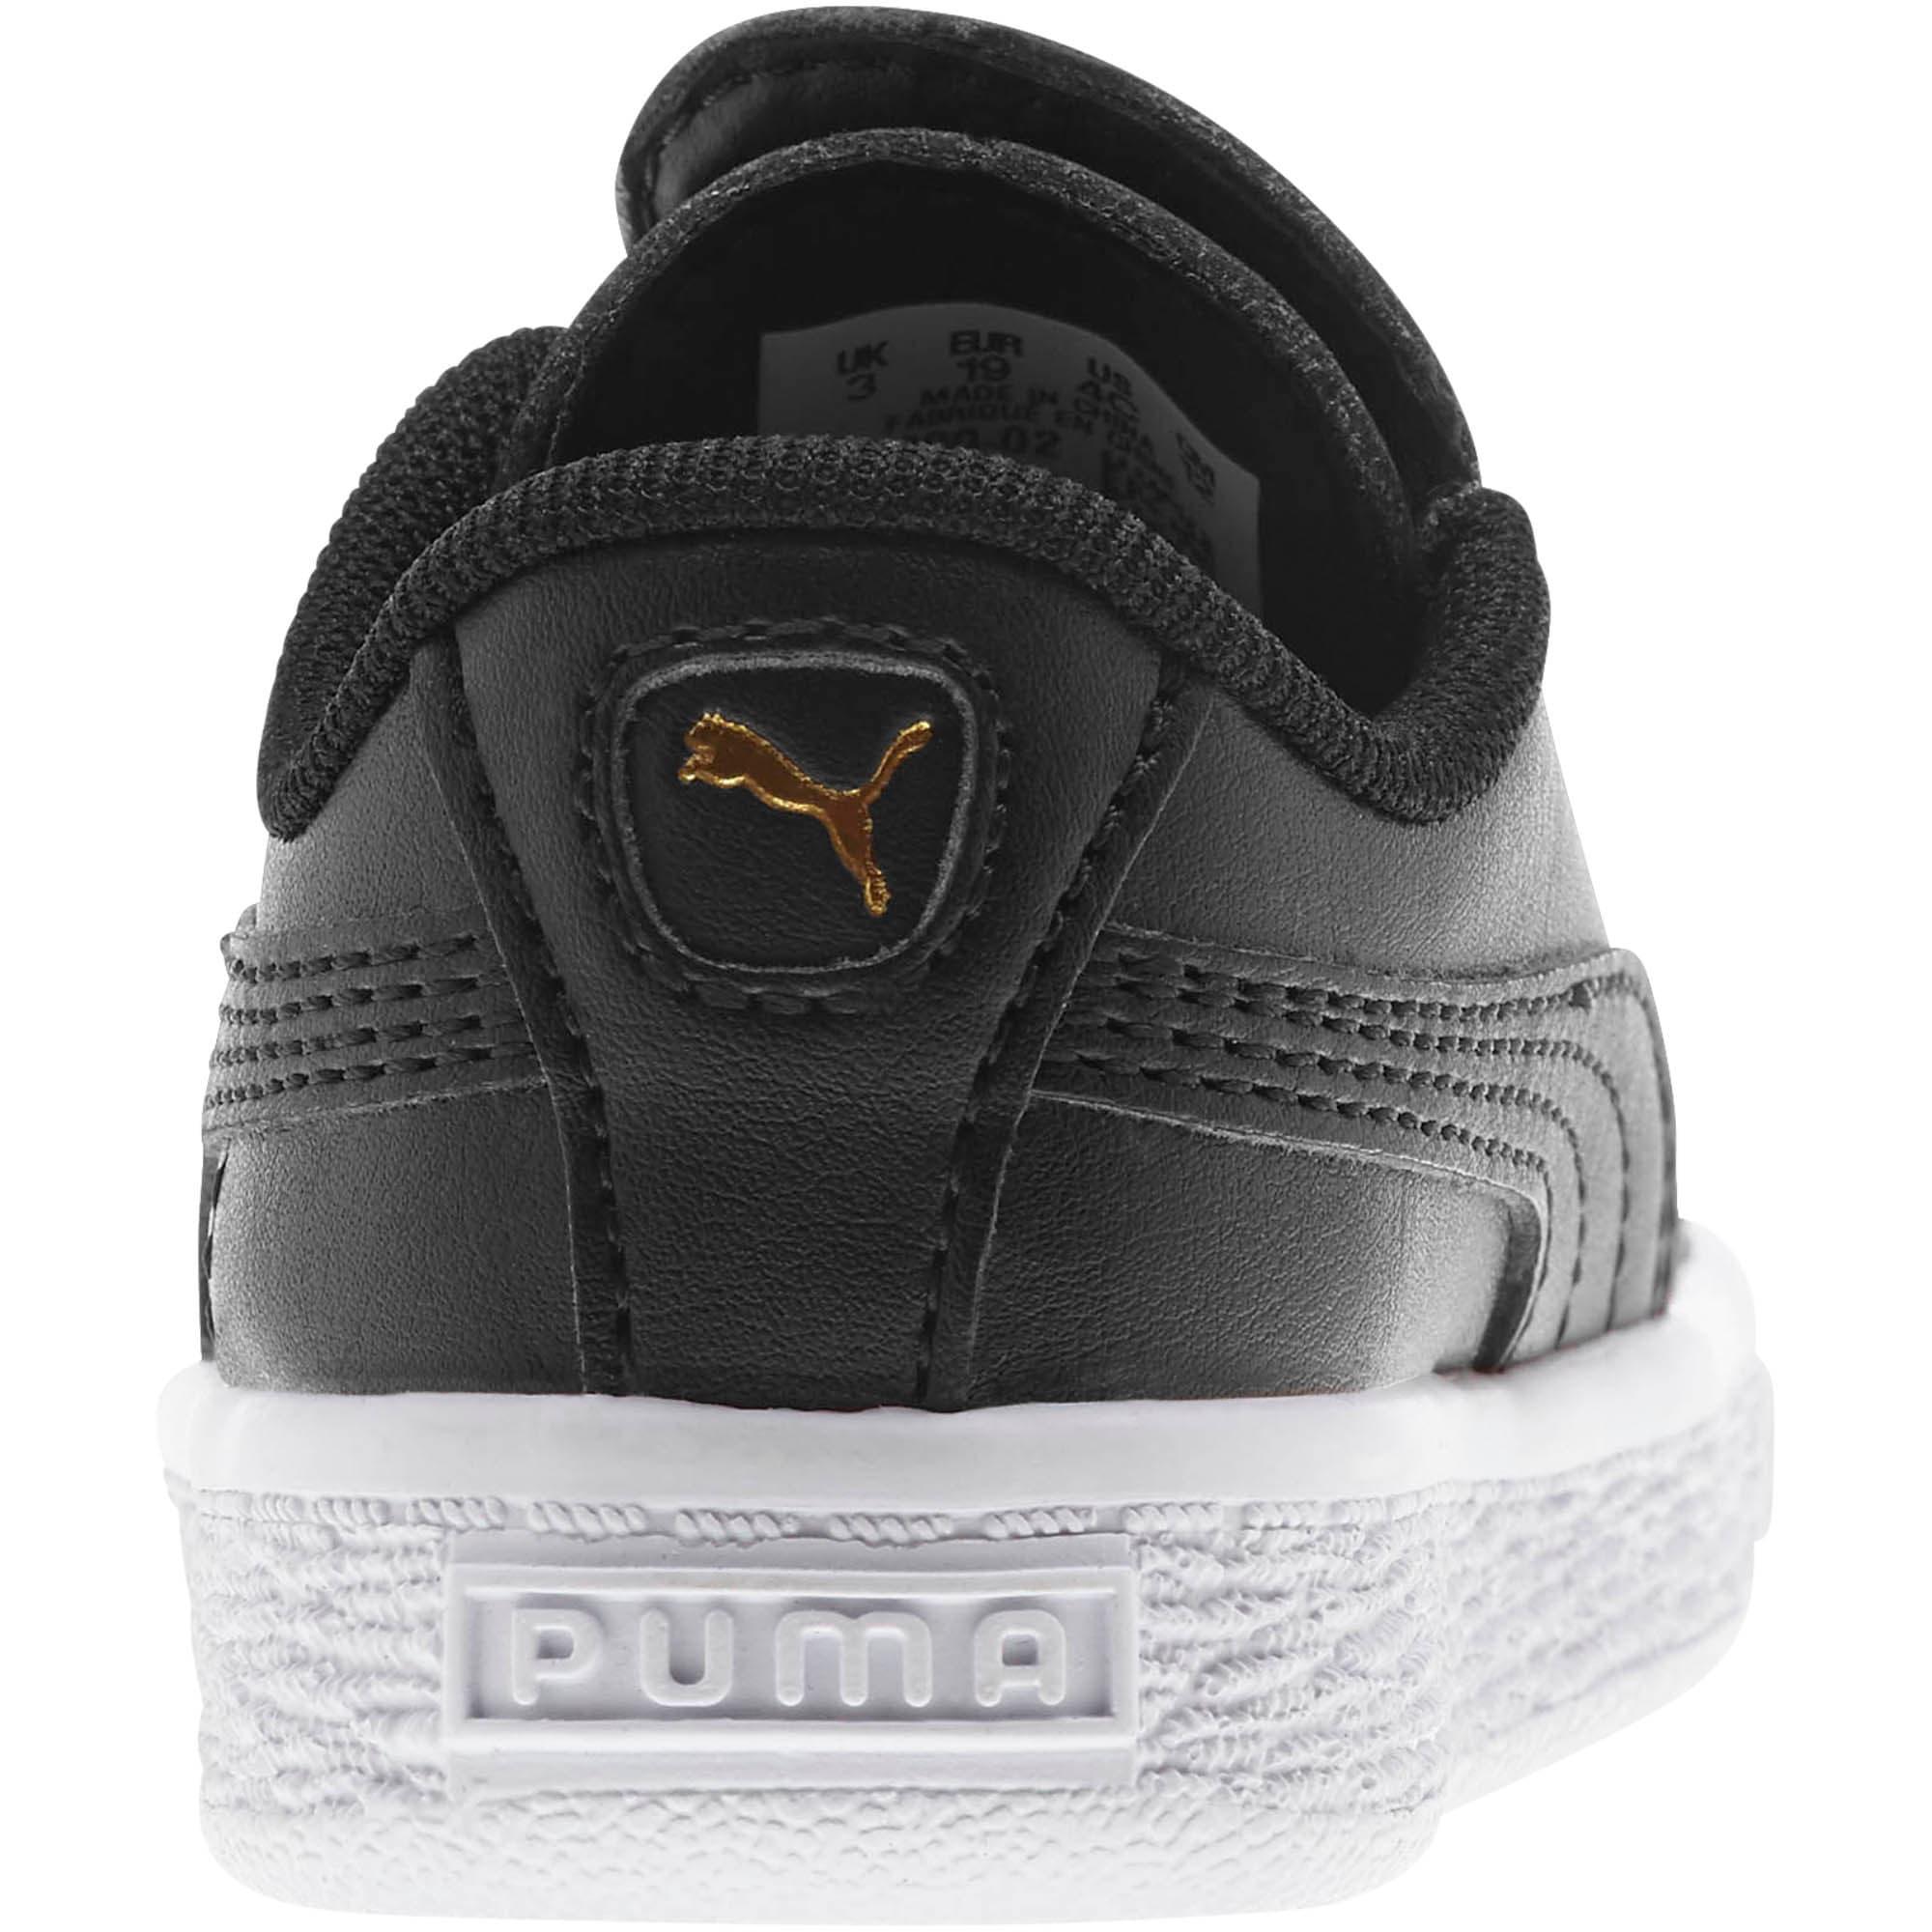 Miniatura 3 de Zapatos Basket Crush AC para bebés, Puma Black-Puma Team Gold, mediano